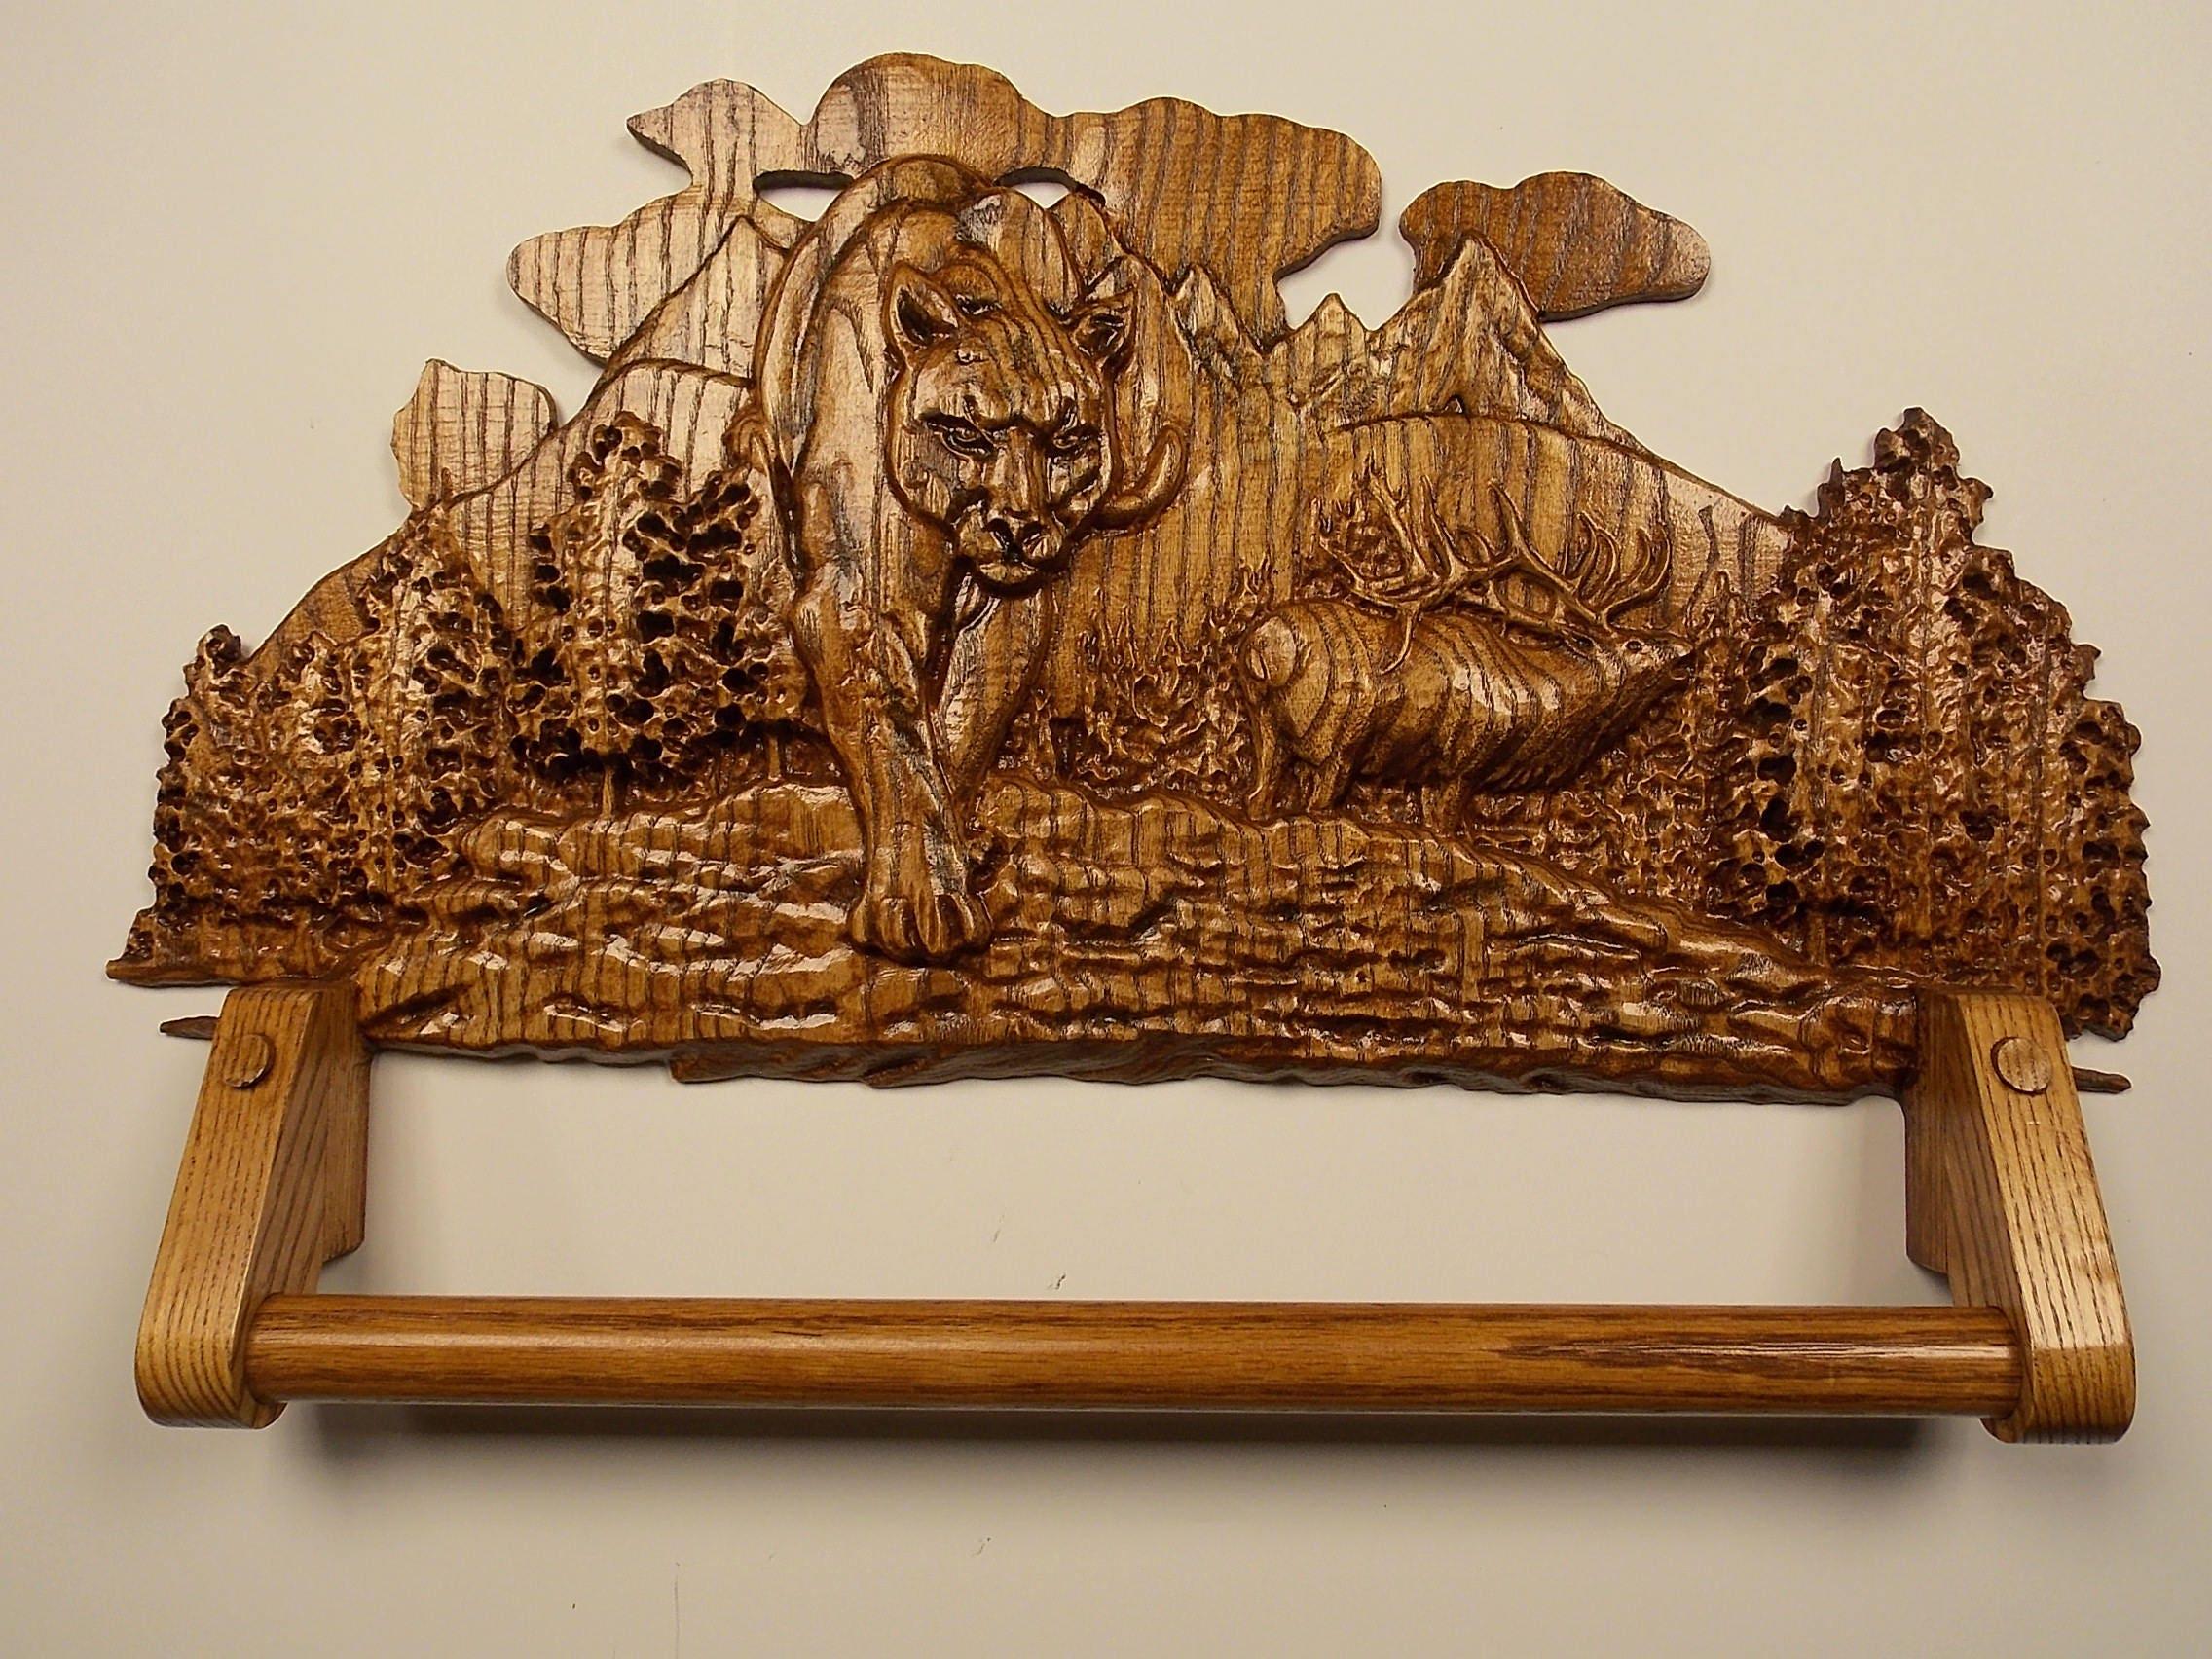 Carved Wood Towel Rack